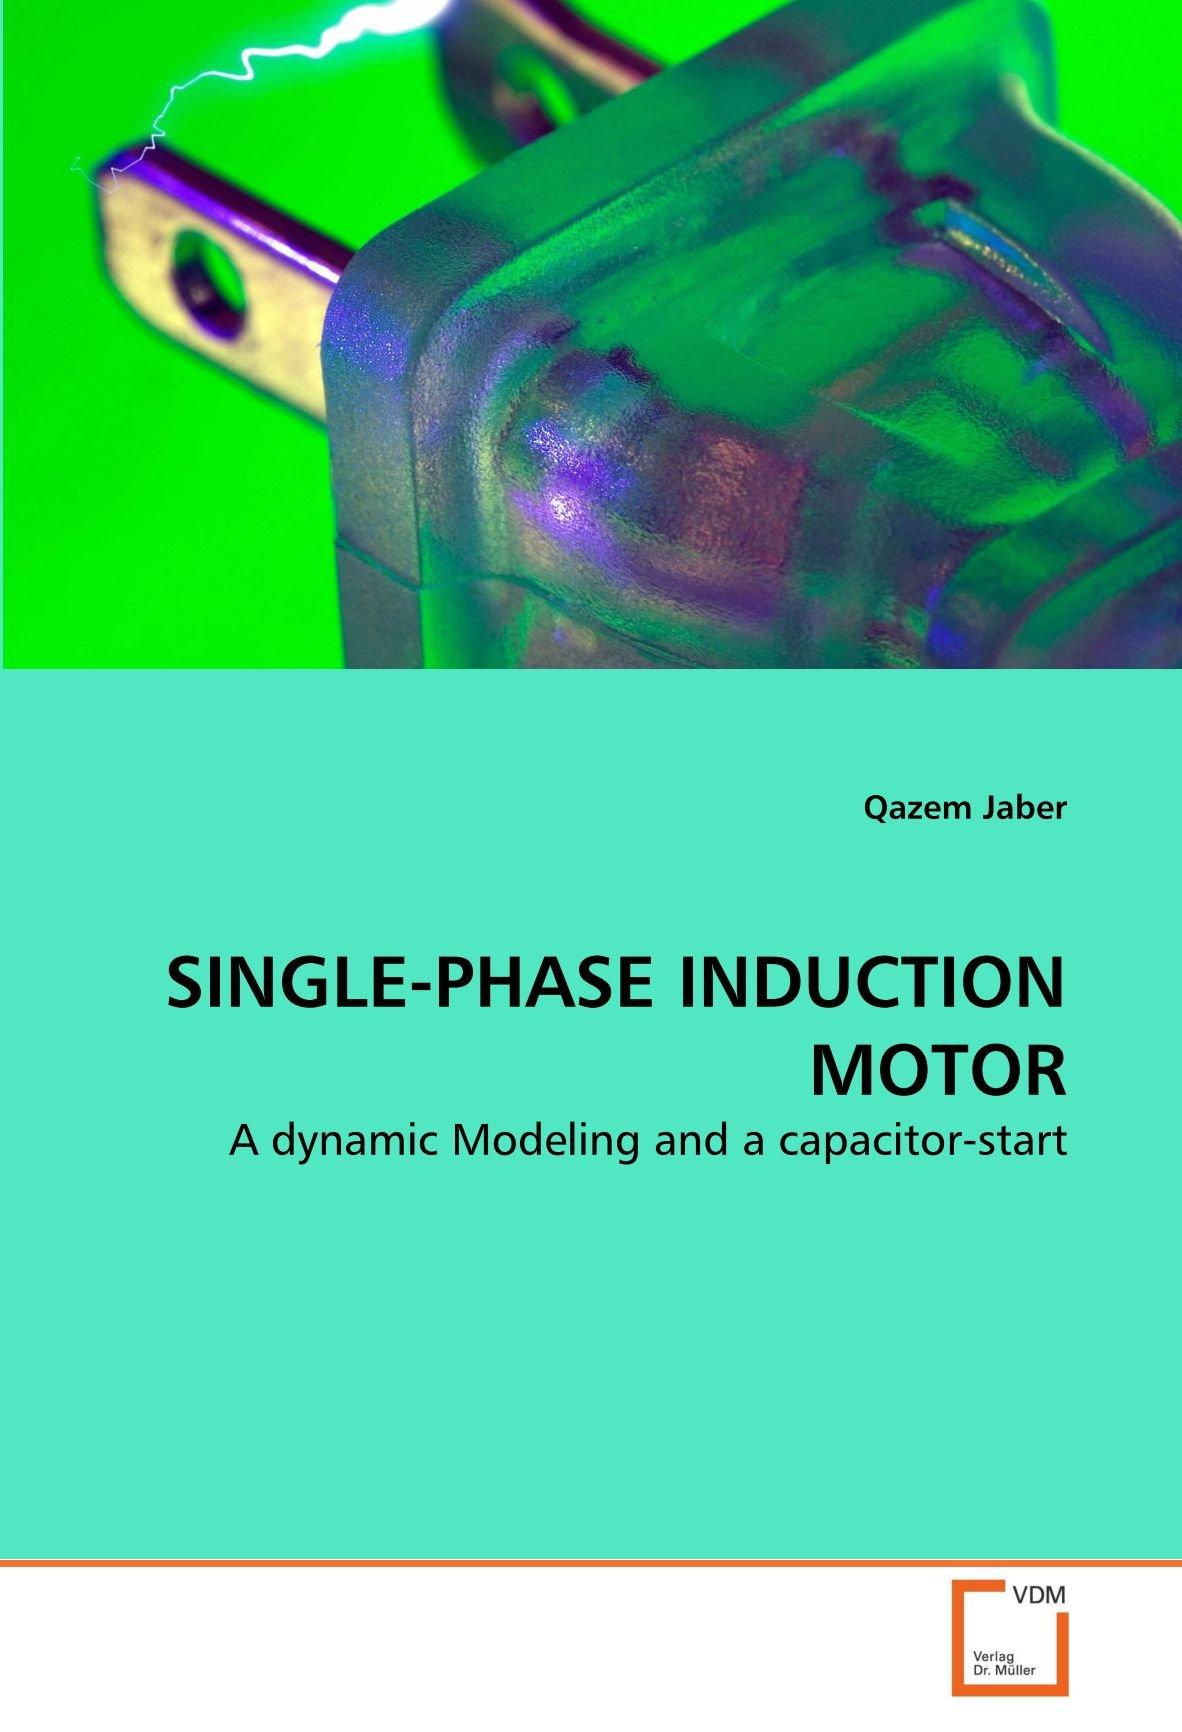 Induction motor start phase single Why Single